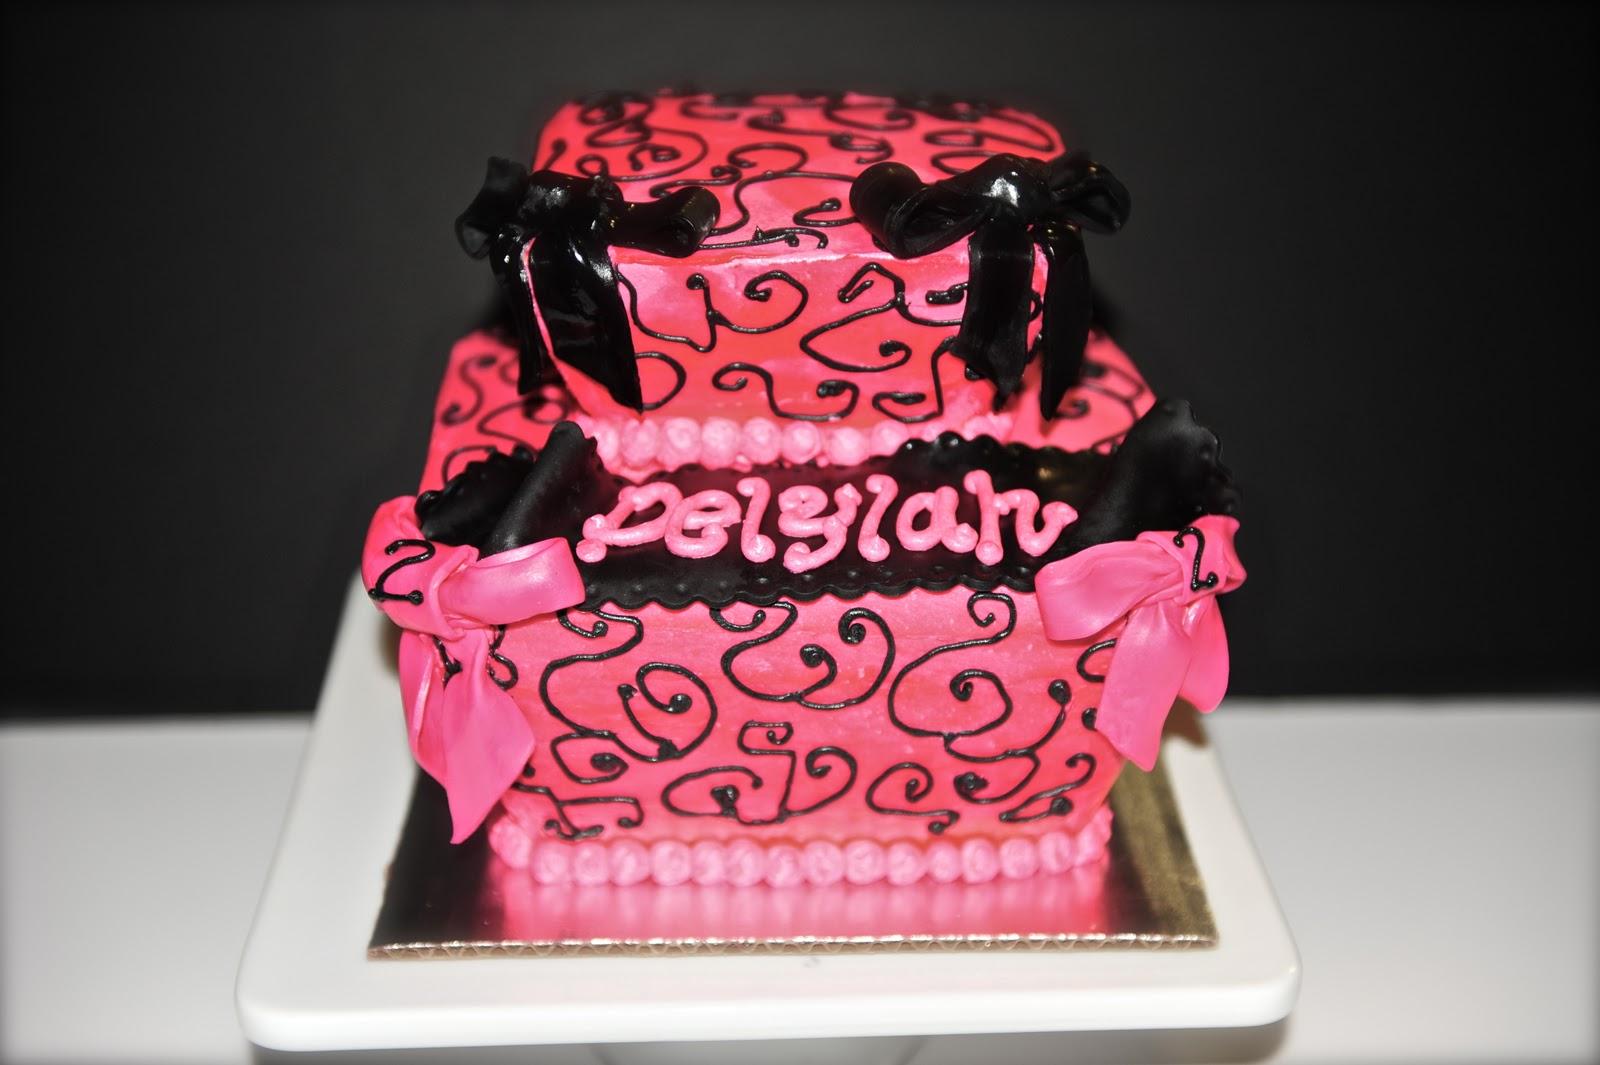 Leahs Sweet Treats Parisian Birthday Cake